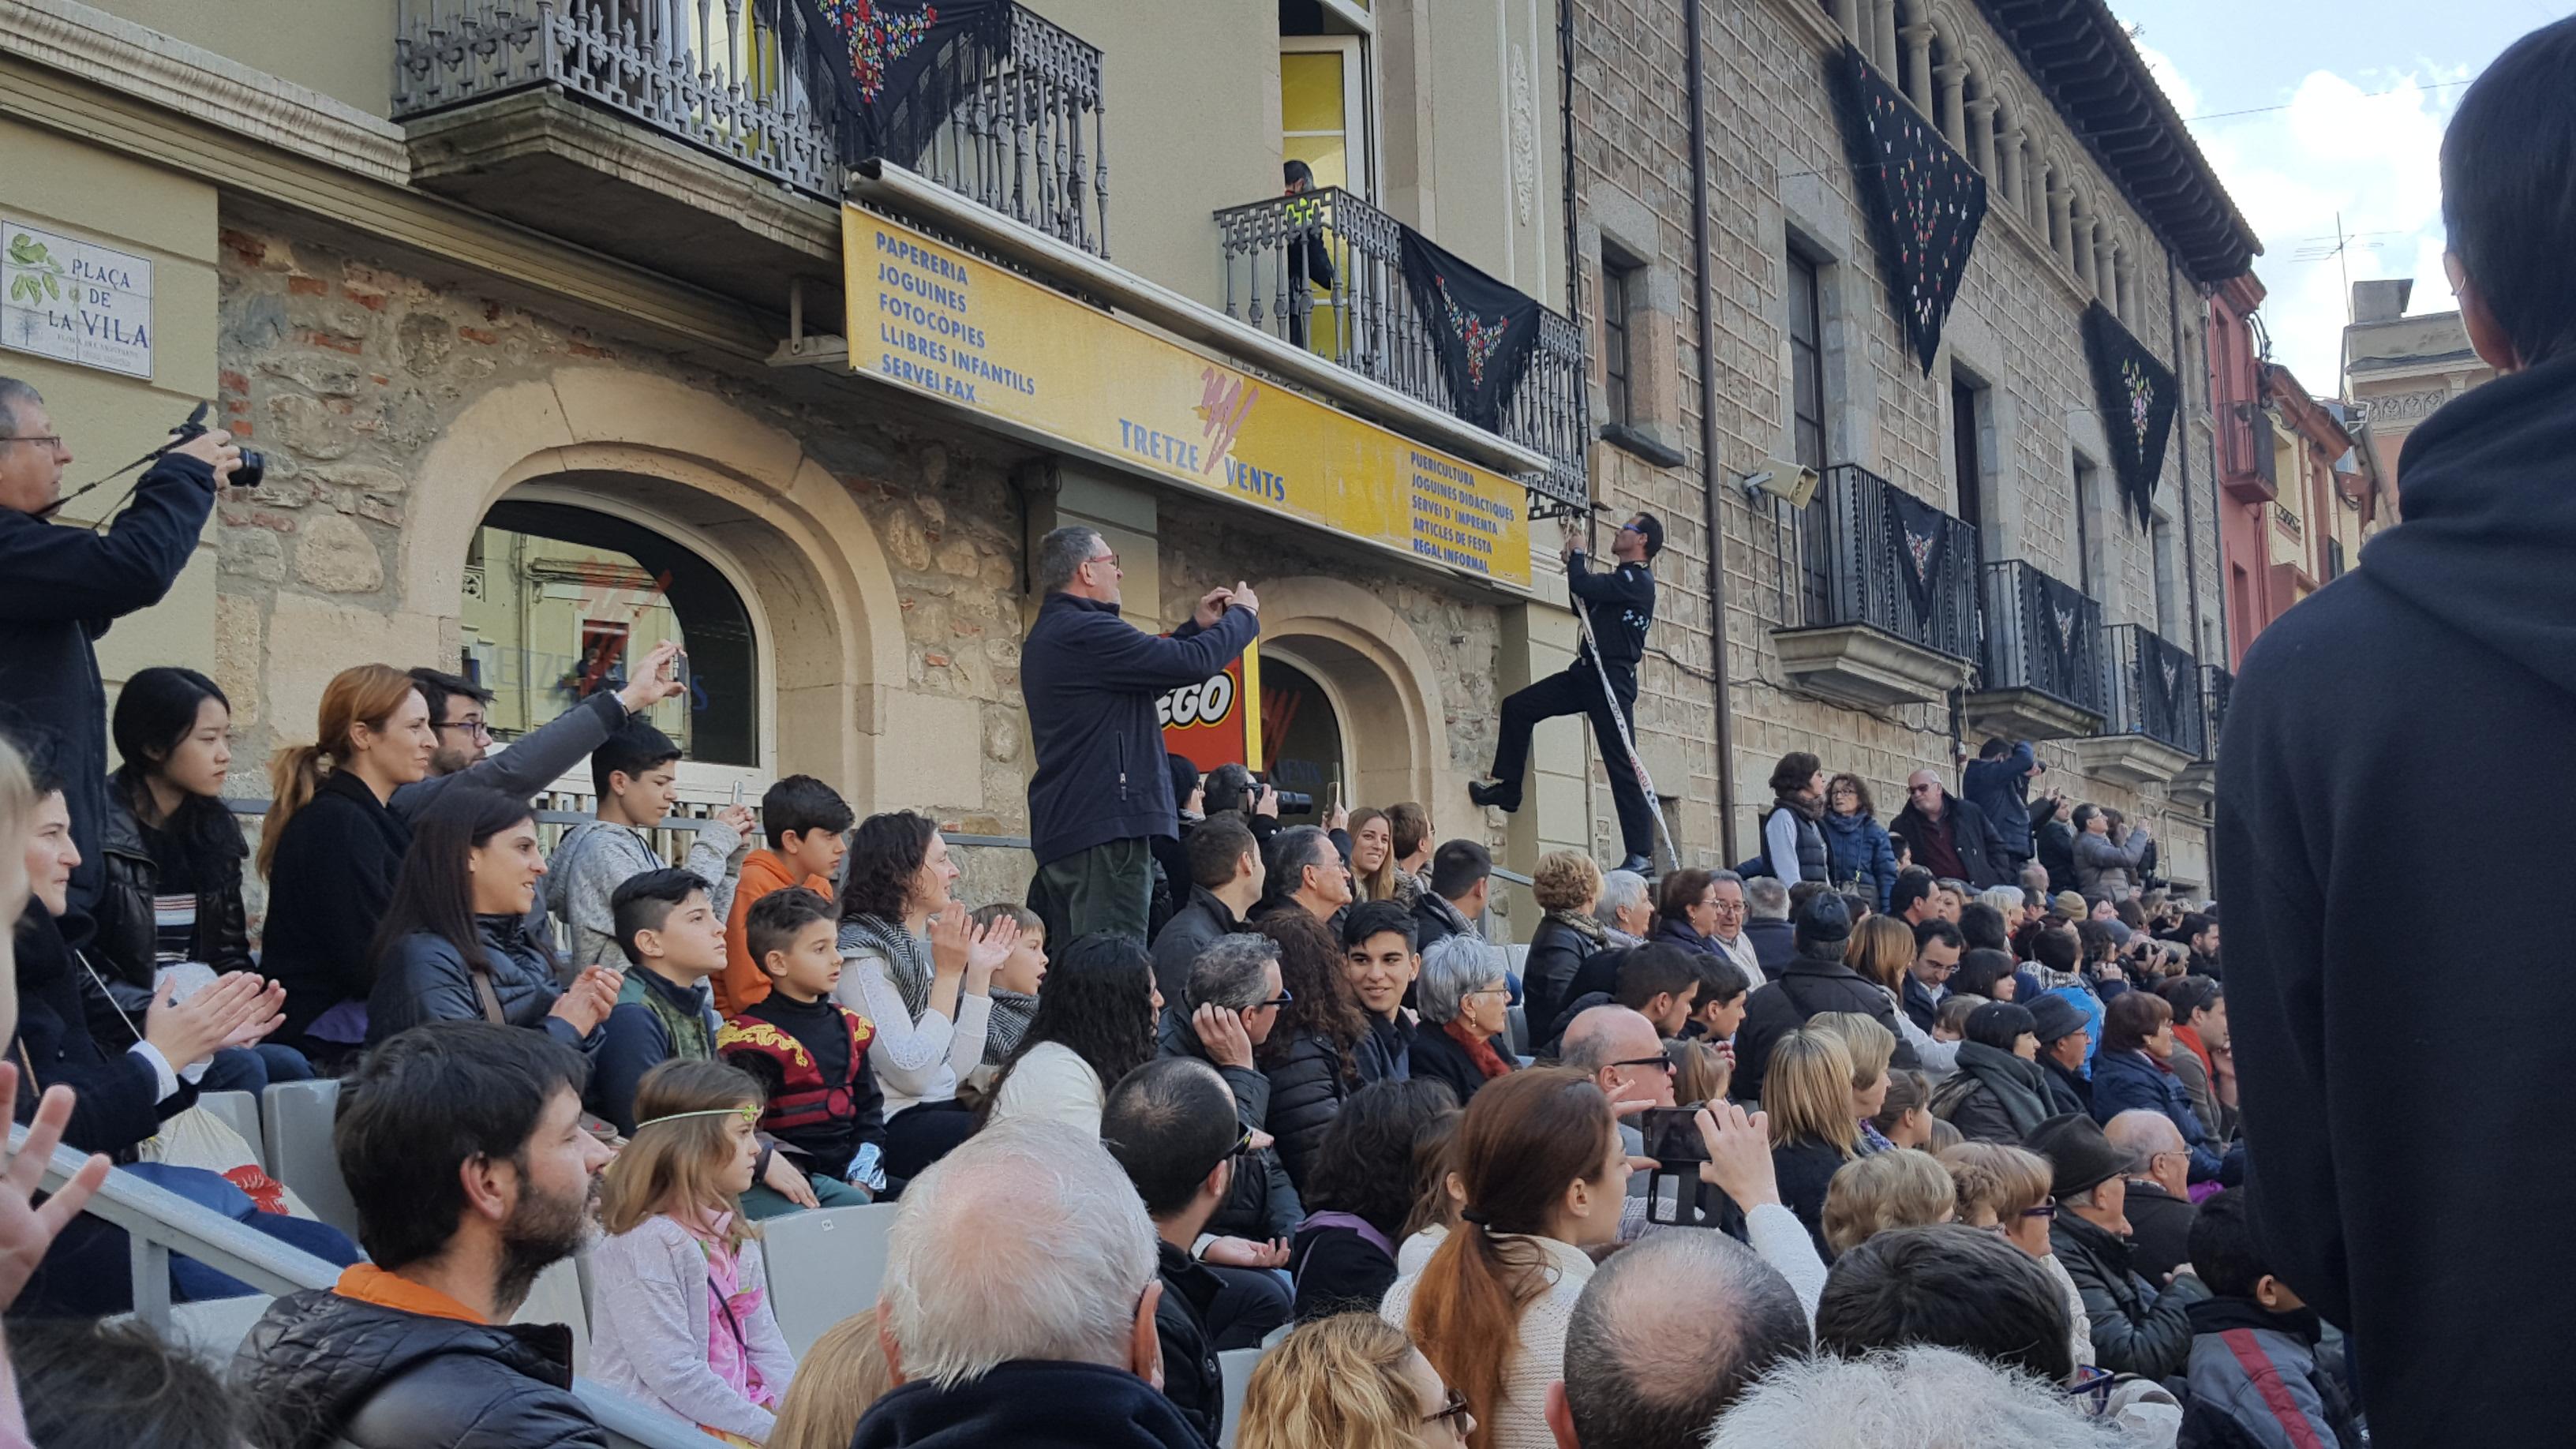 El cap de la Policia Local de Sant Celoni col·lacant una cinta de protecció quan la ballada ja s'ha reprès